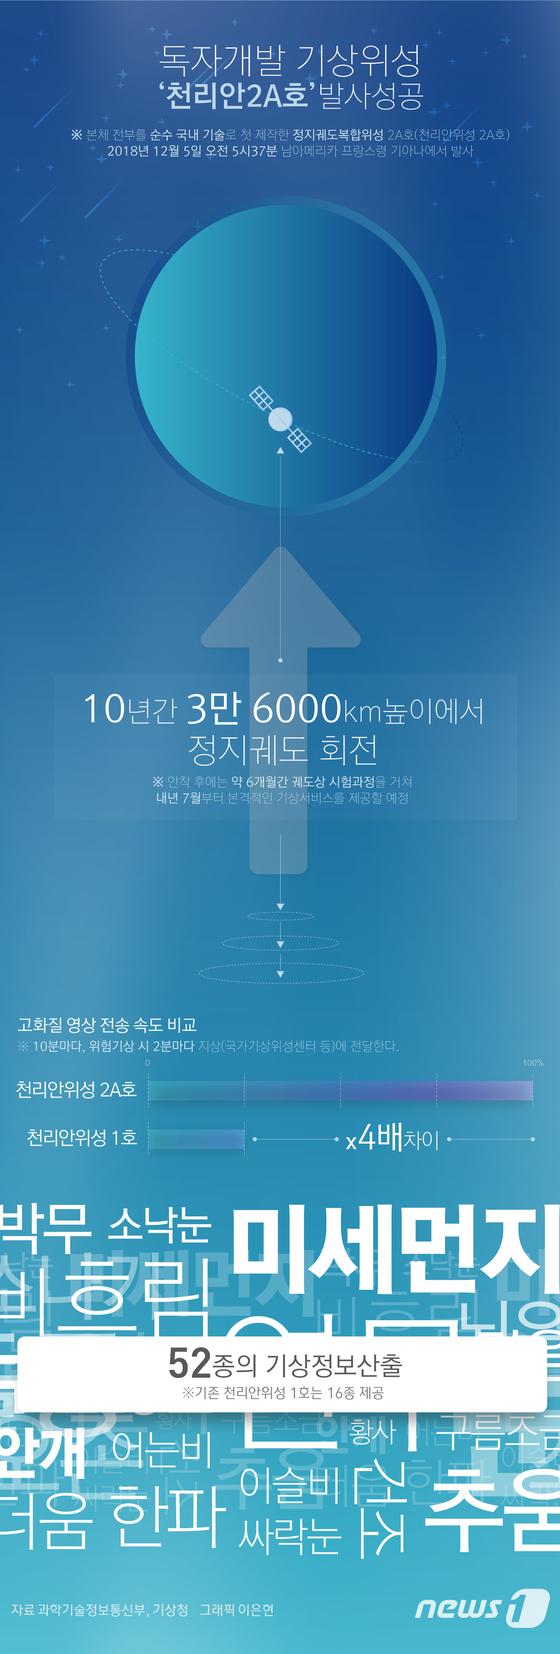 [그래픽뉴스] 독자개발 기상위성 천리안2A호 발사성공